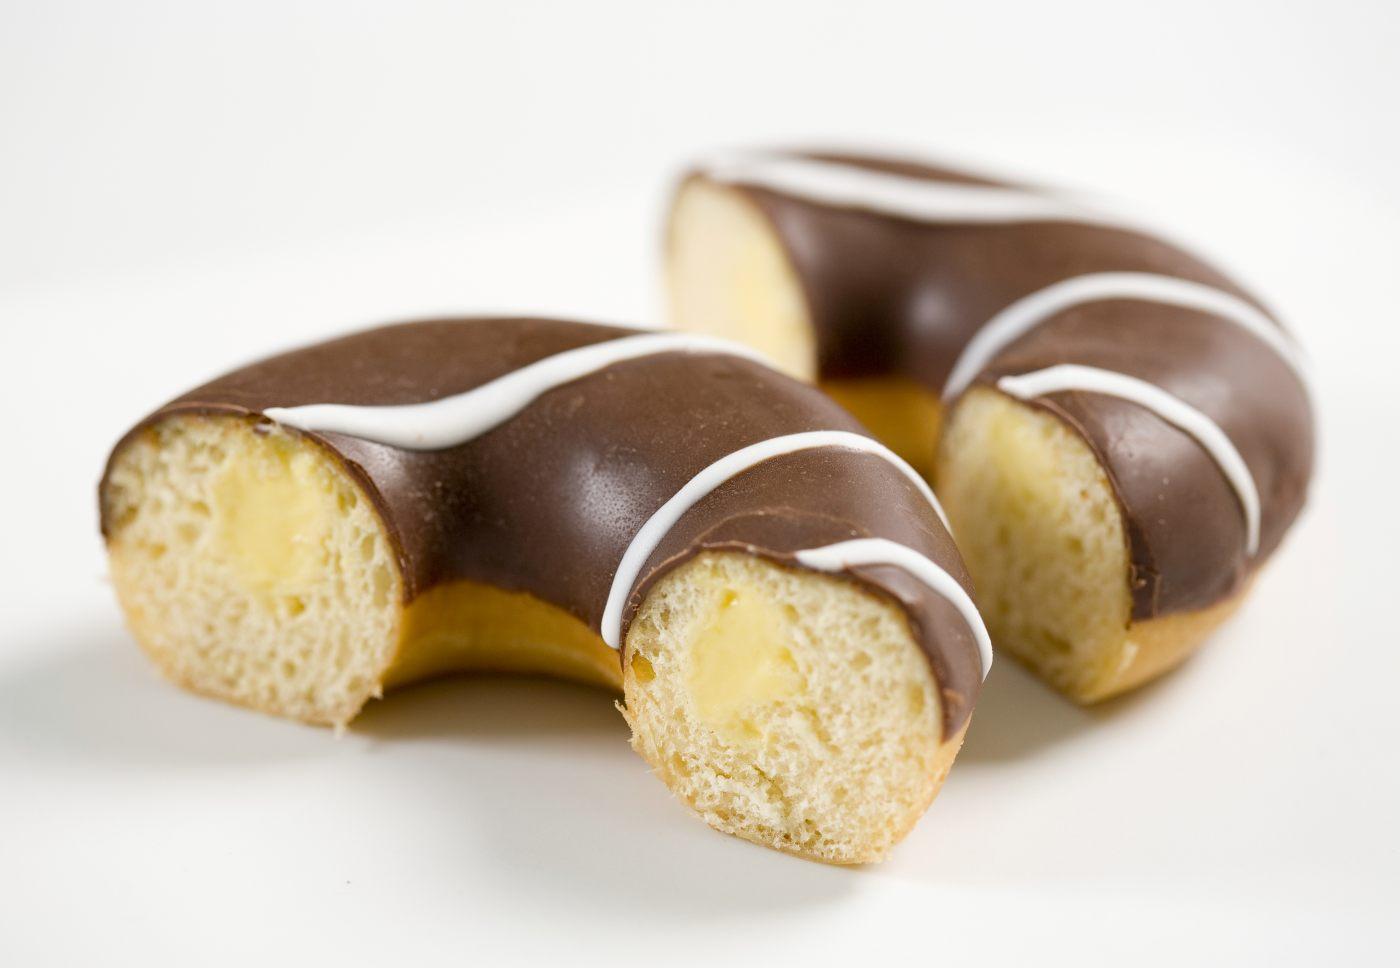 _MG_0134_donut_mit_vanille_fuellung_aufgeschnitten